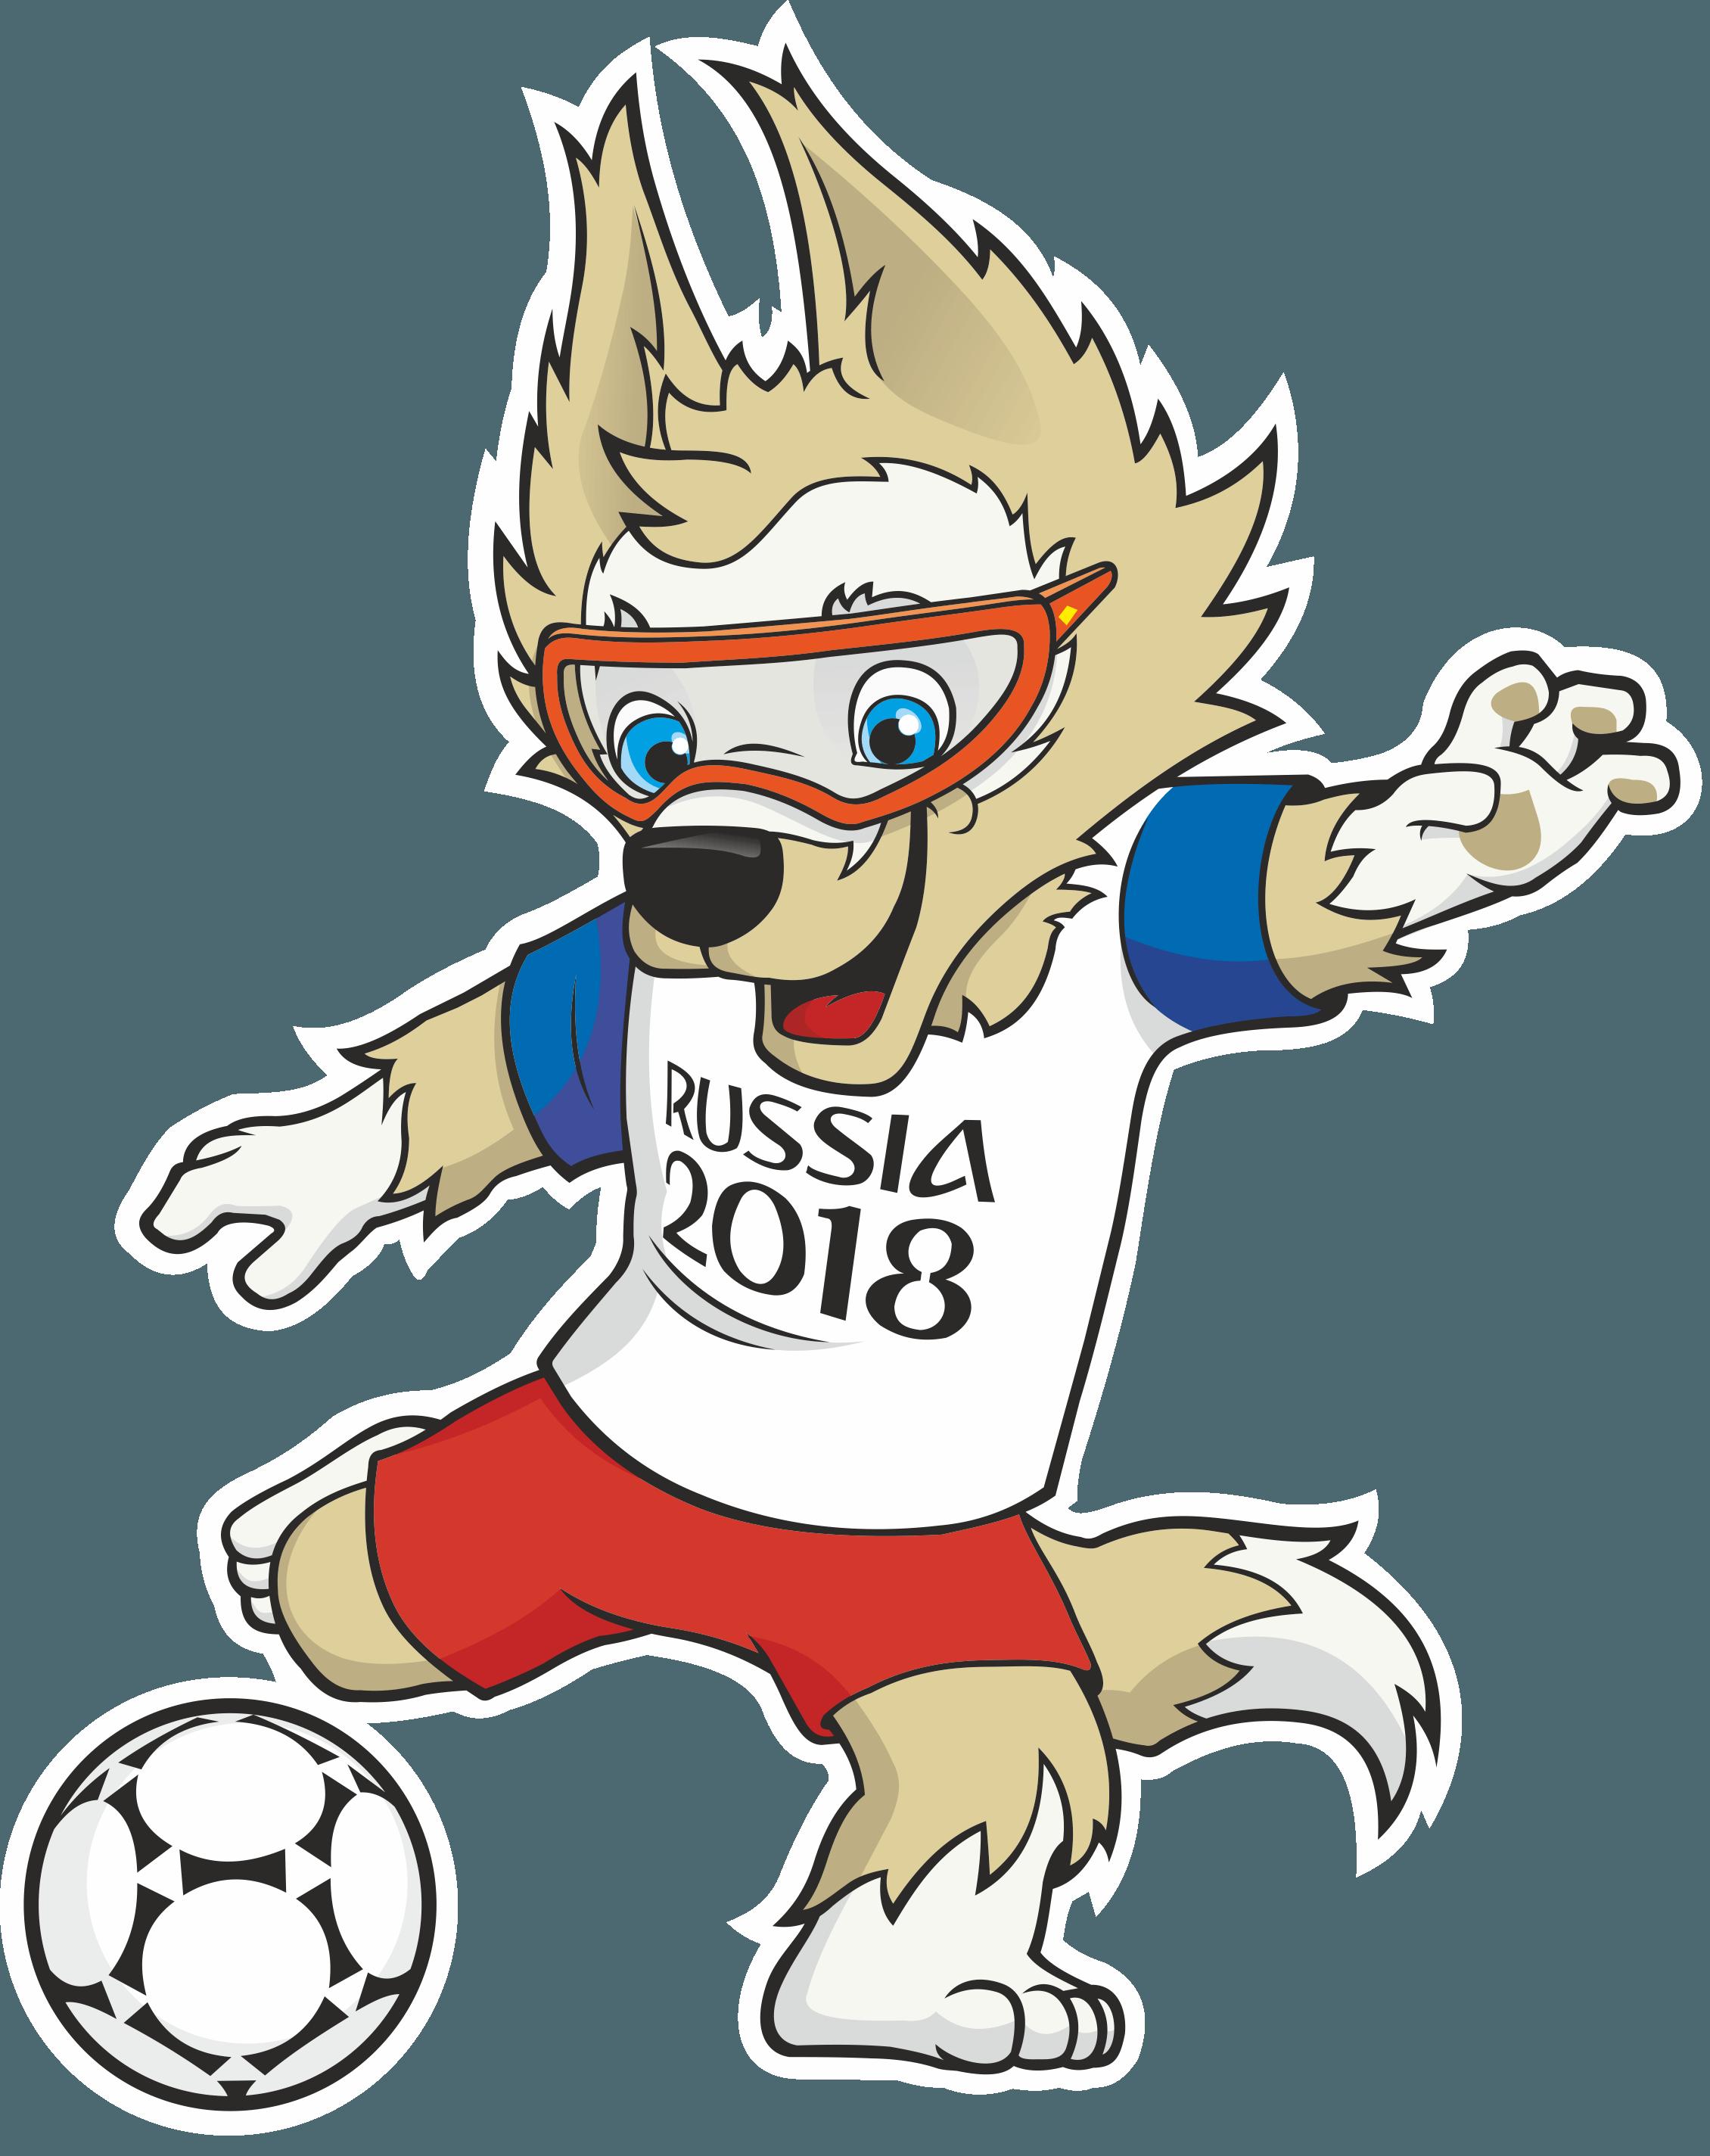 2018 FIFA World Cup Logo & Mascot.